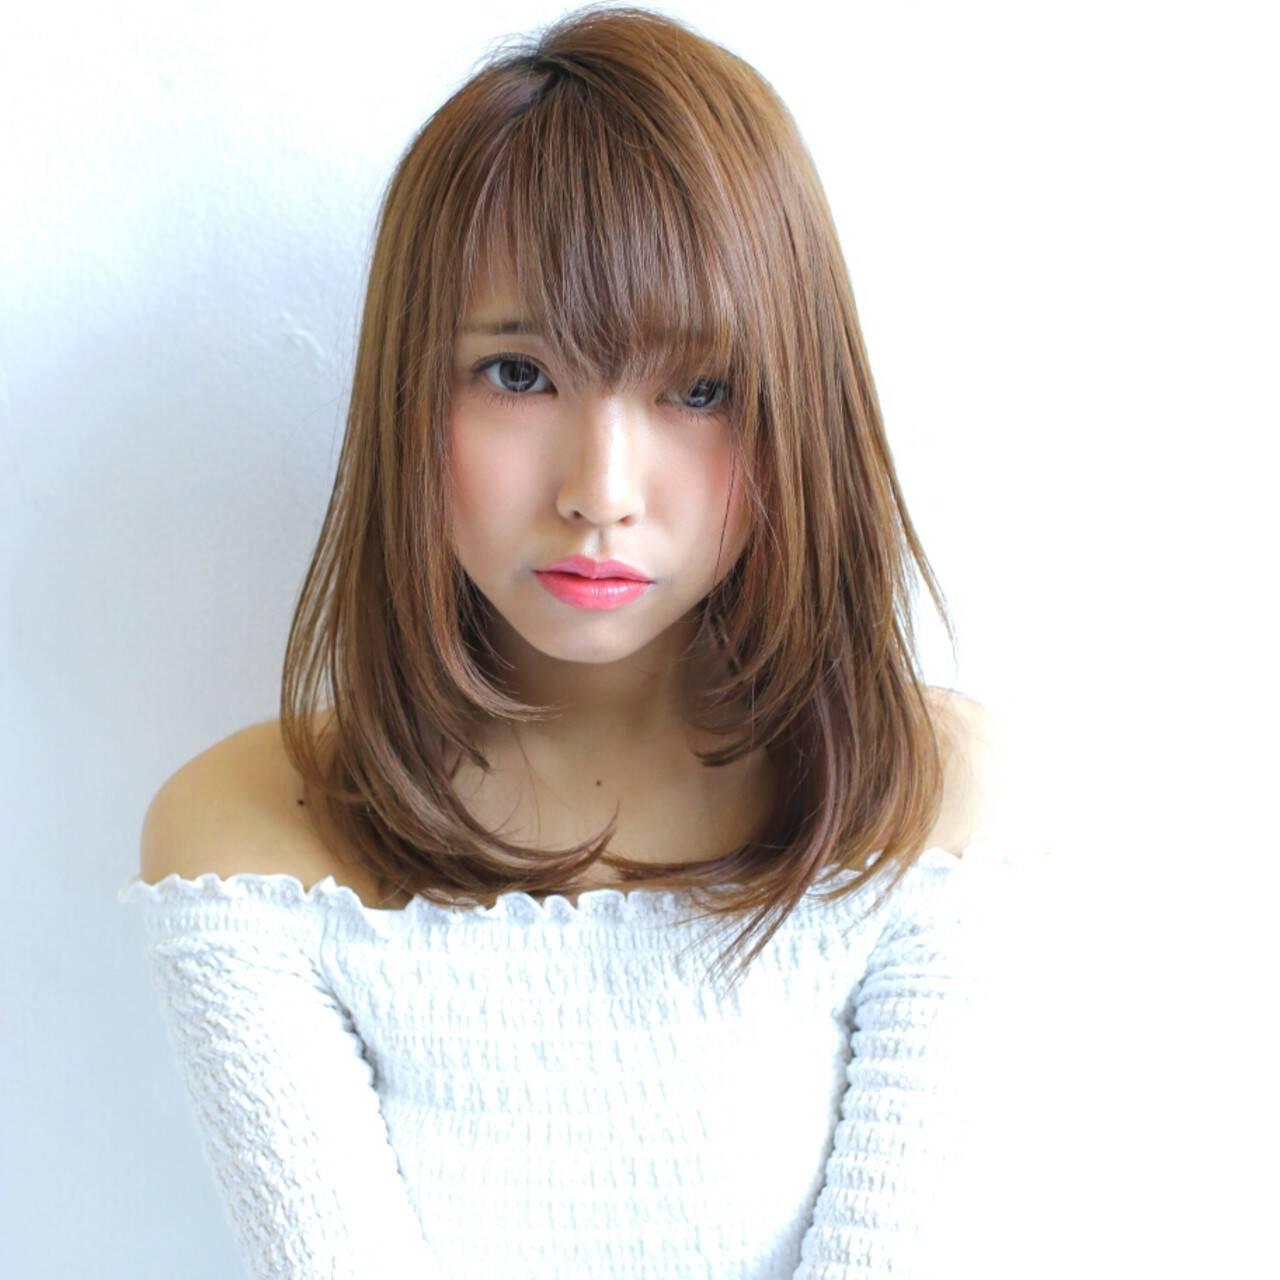 パーマ 縮毛矯正 ミディアム デートヘアスタイルや髪型の写真・画像